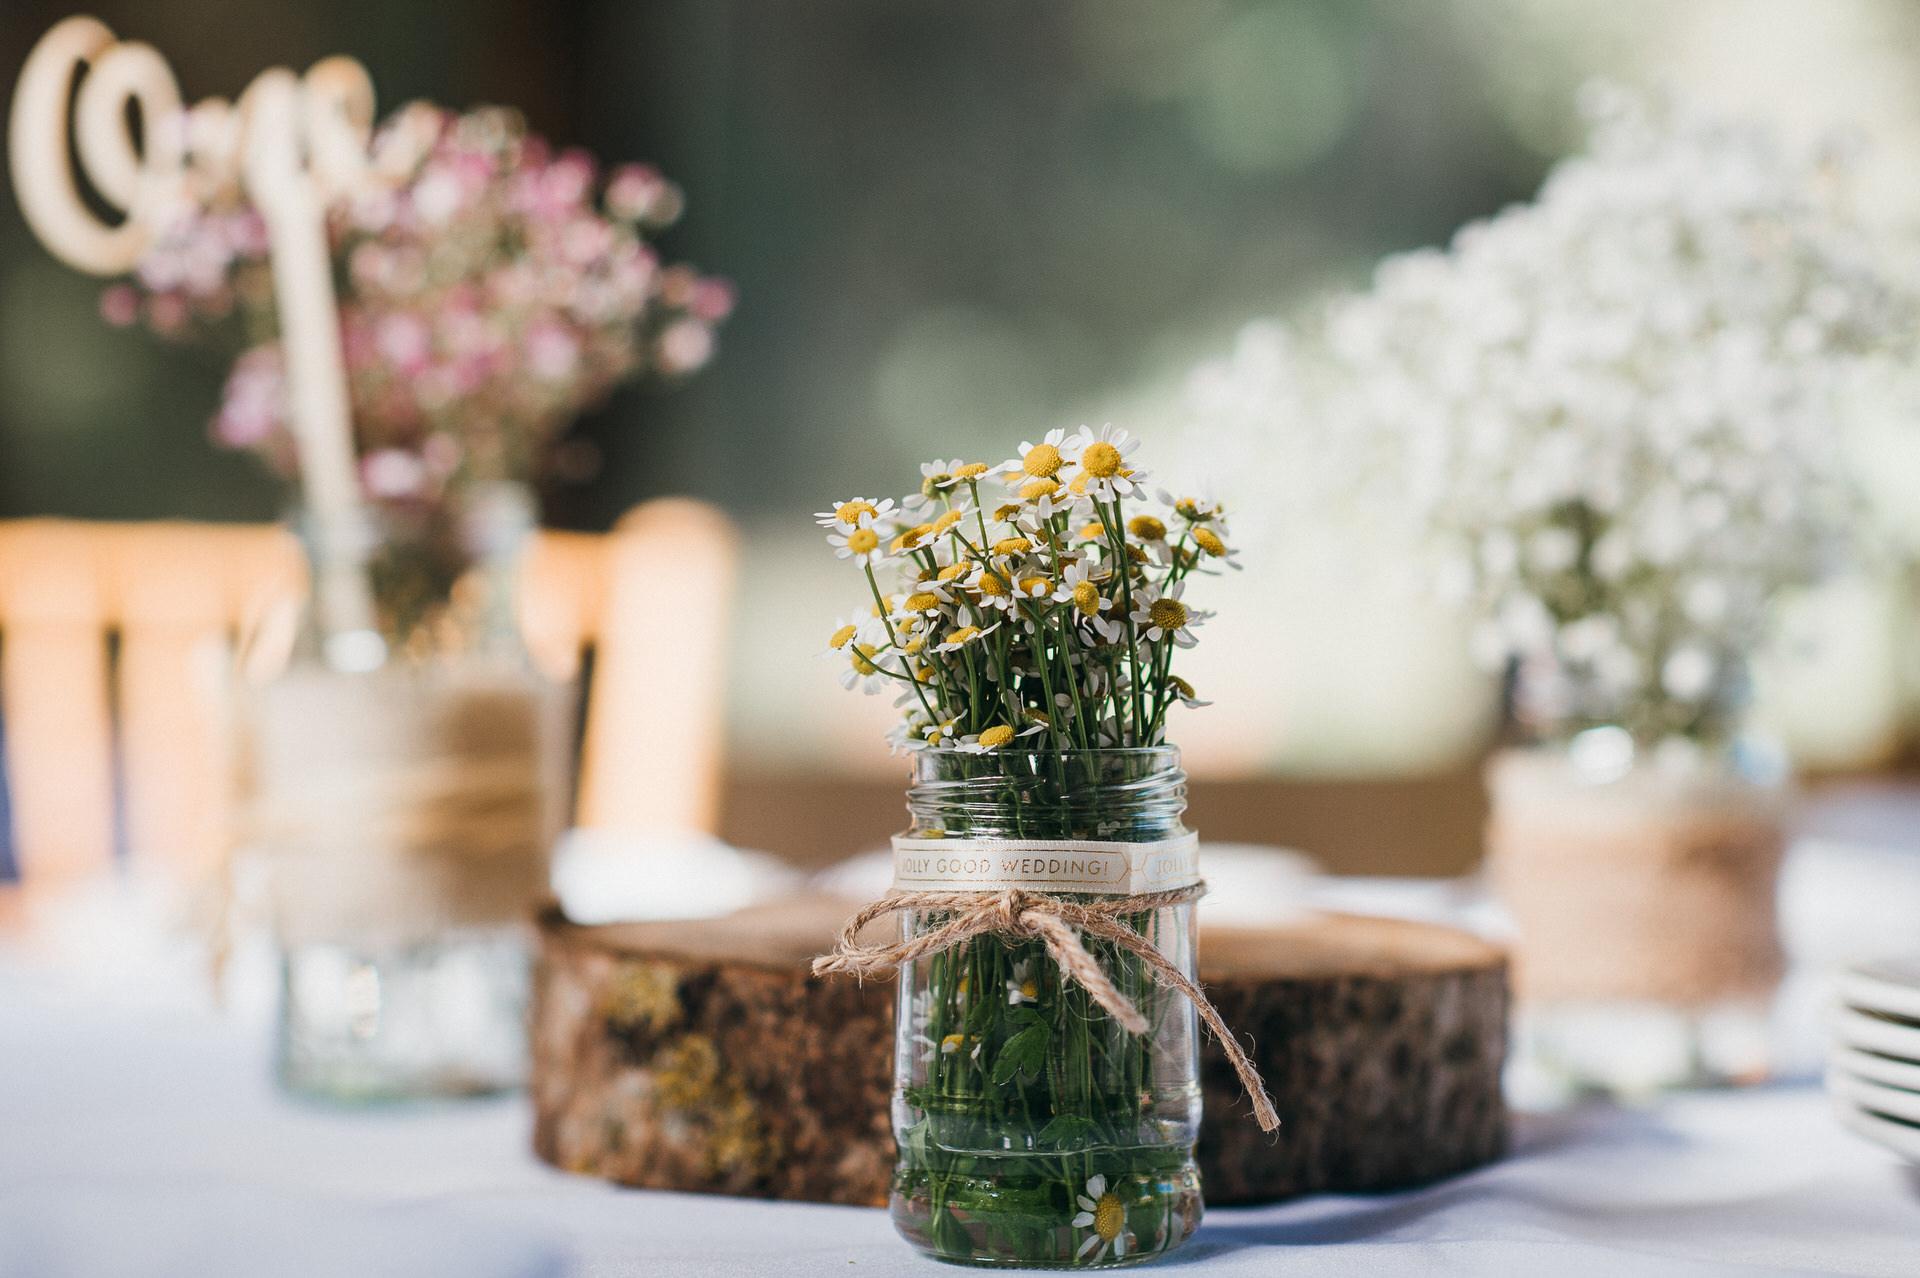 Maunsel house wedding photography 05 wedding details